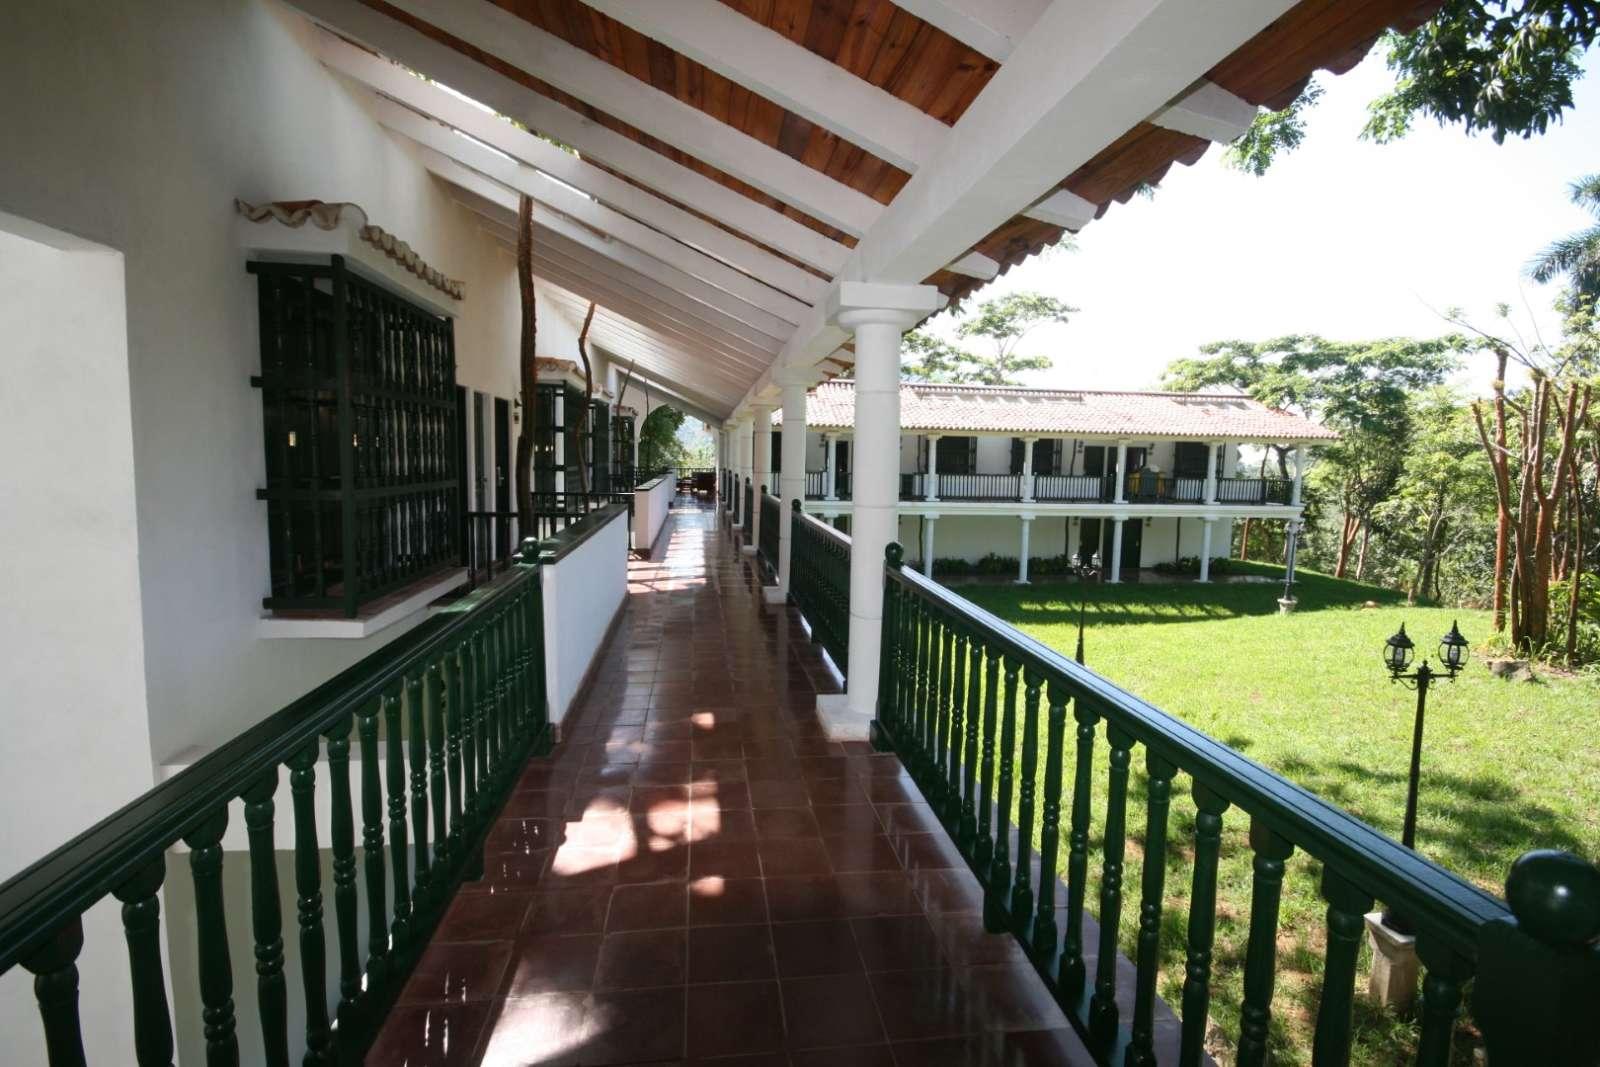 Corridor to rooms at La Moka hotel in Las Terrazas, Cuba